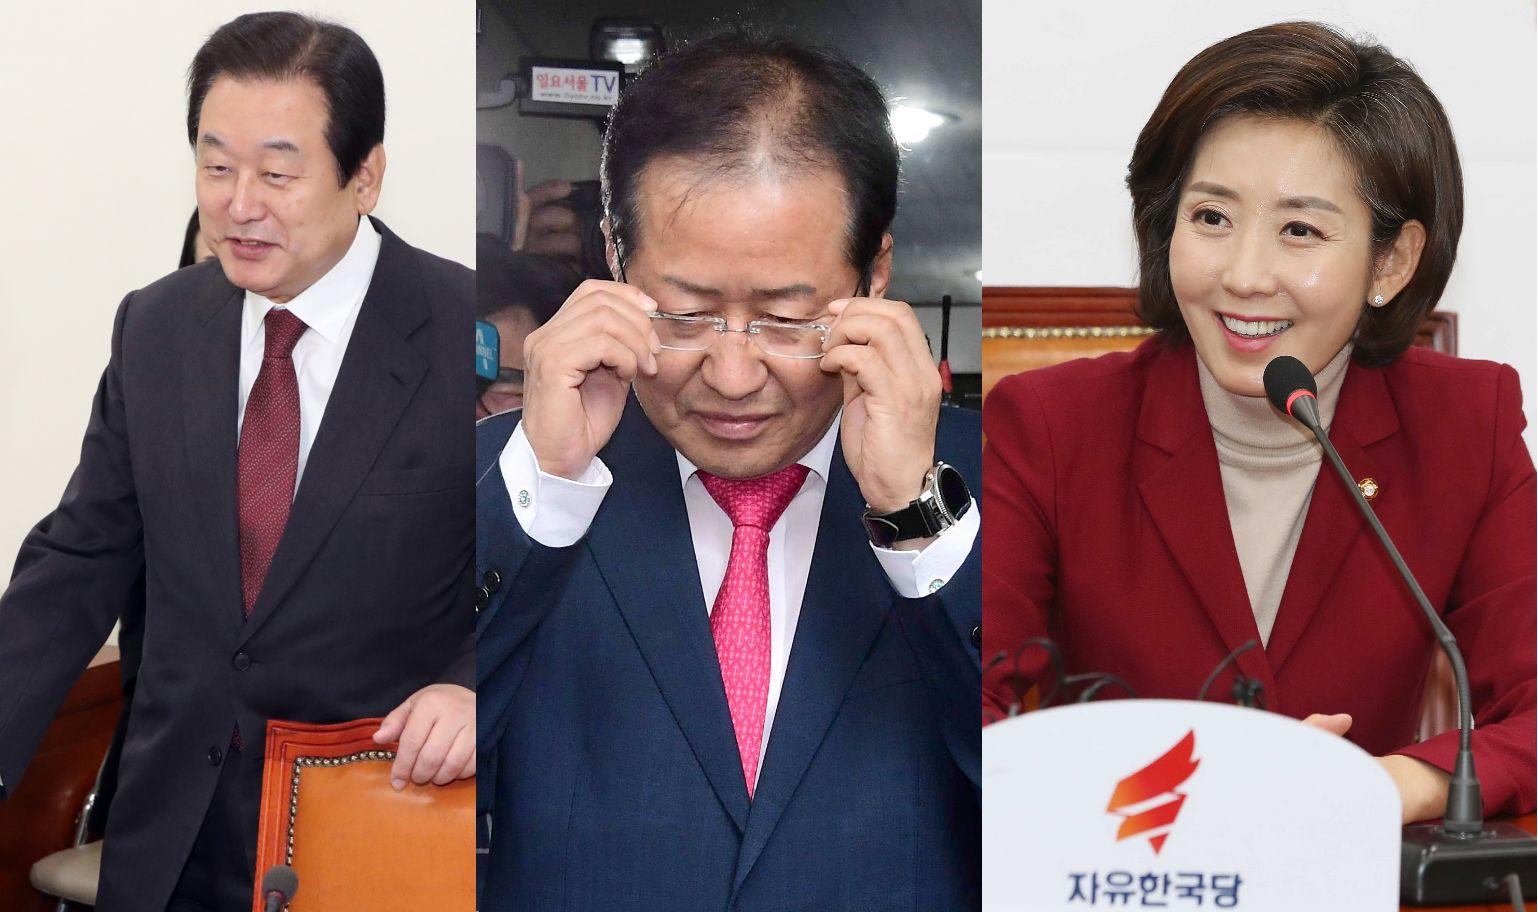 전원책이 한국당 앞날을 예측하며